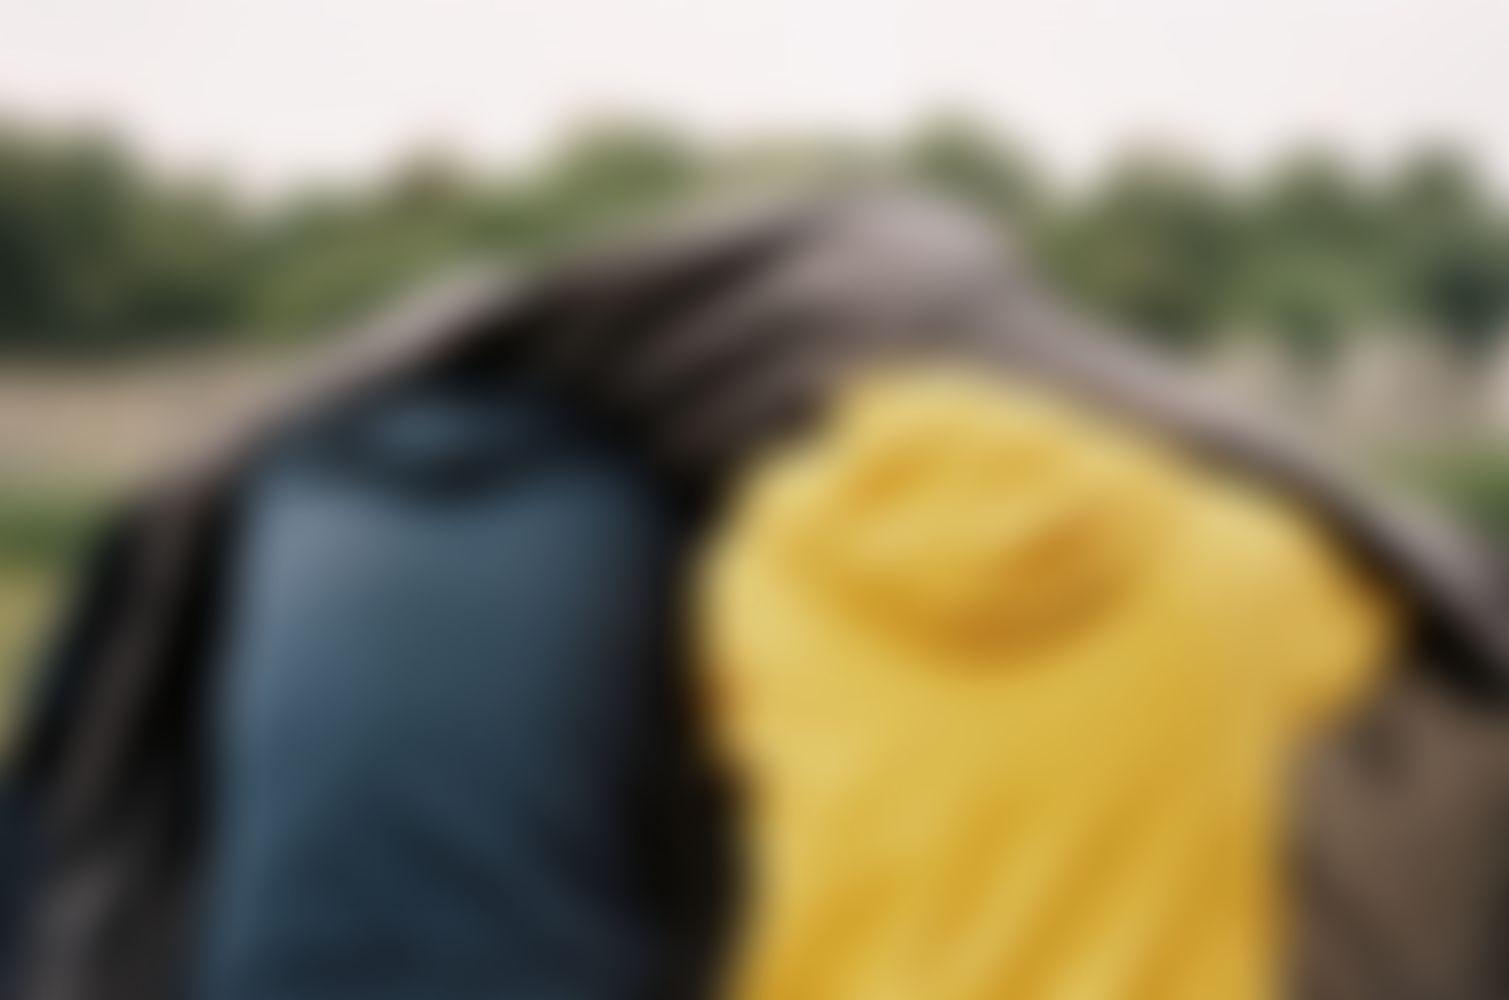 zwei aneinander lehnende Personen sind von hinten zu erkenne, sie schützen sich mit Jacken vor dem Regen